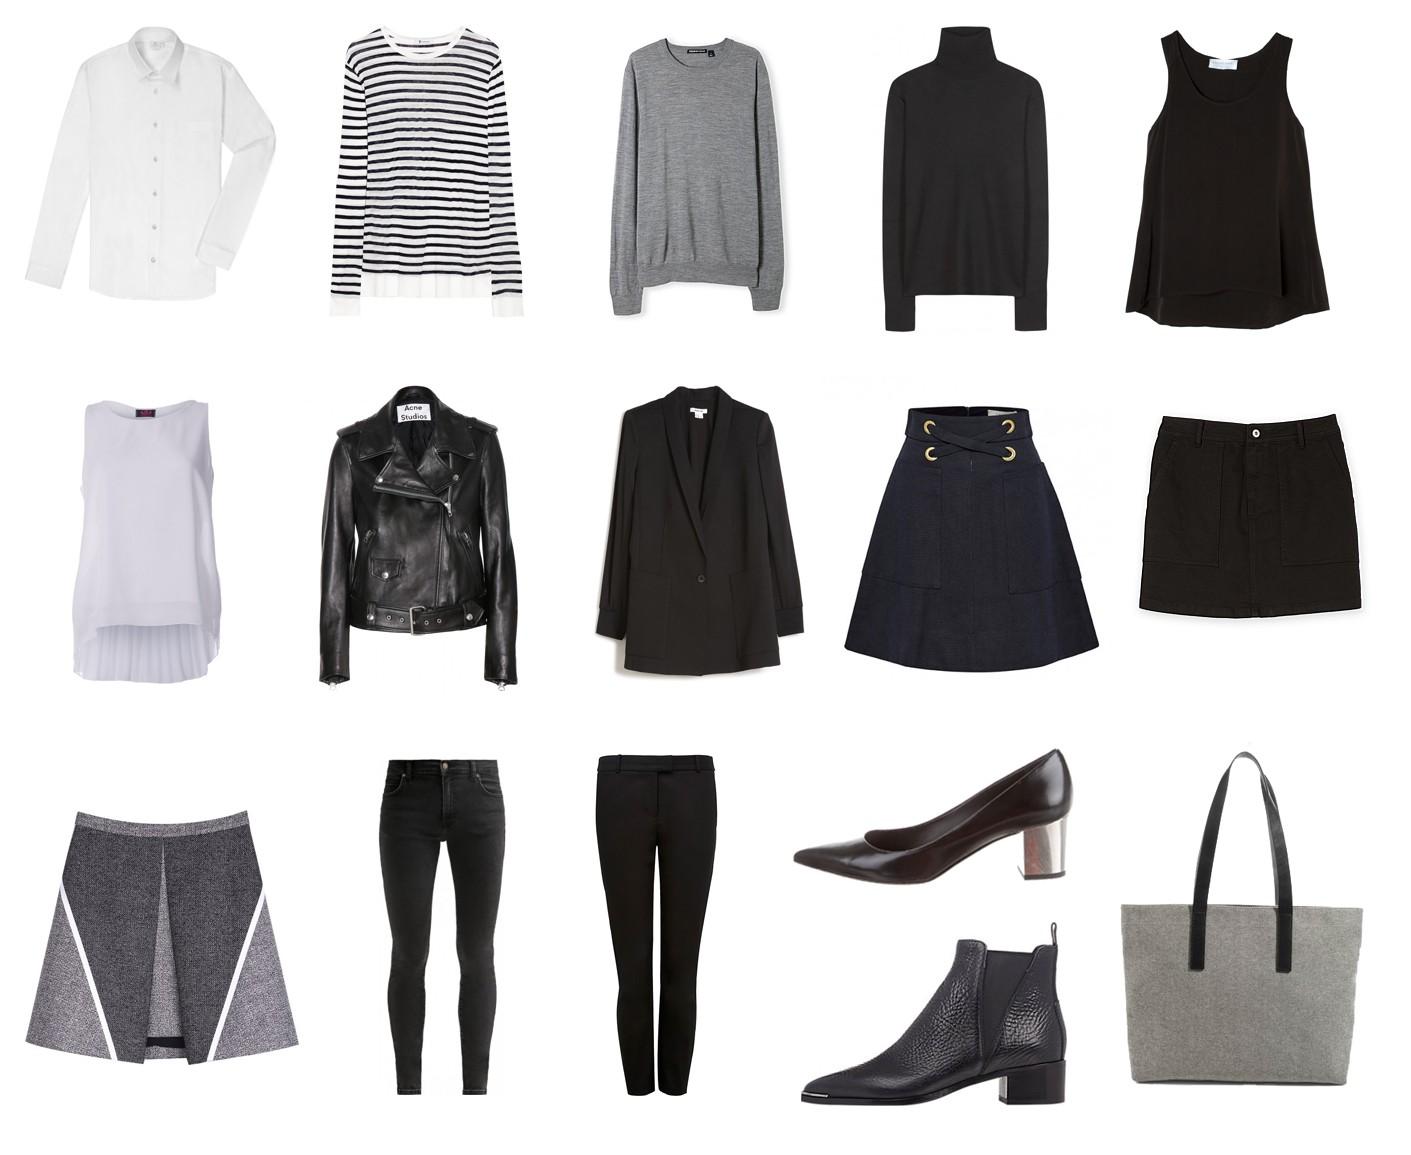 Resultado de imagen para fashion wardrobe